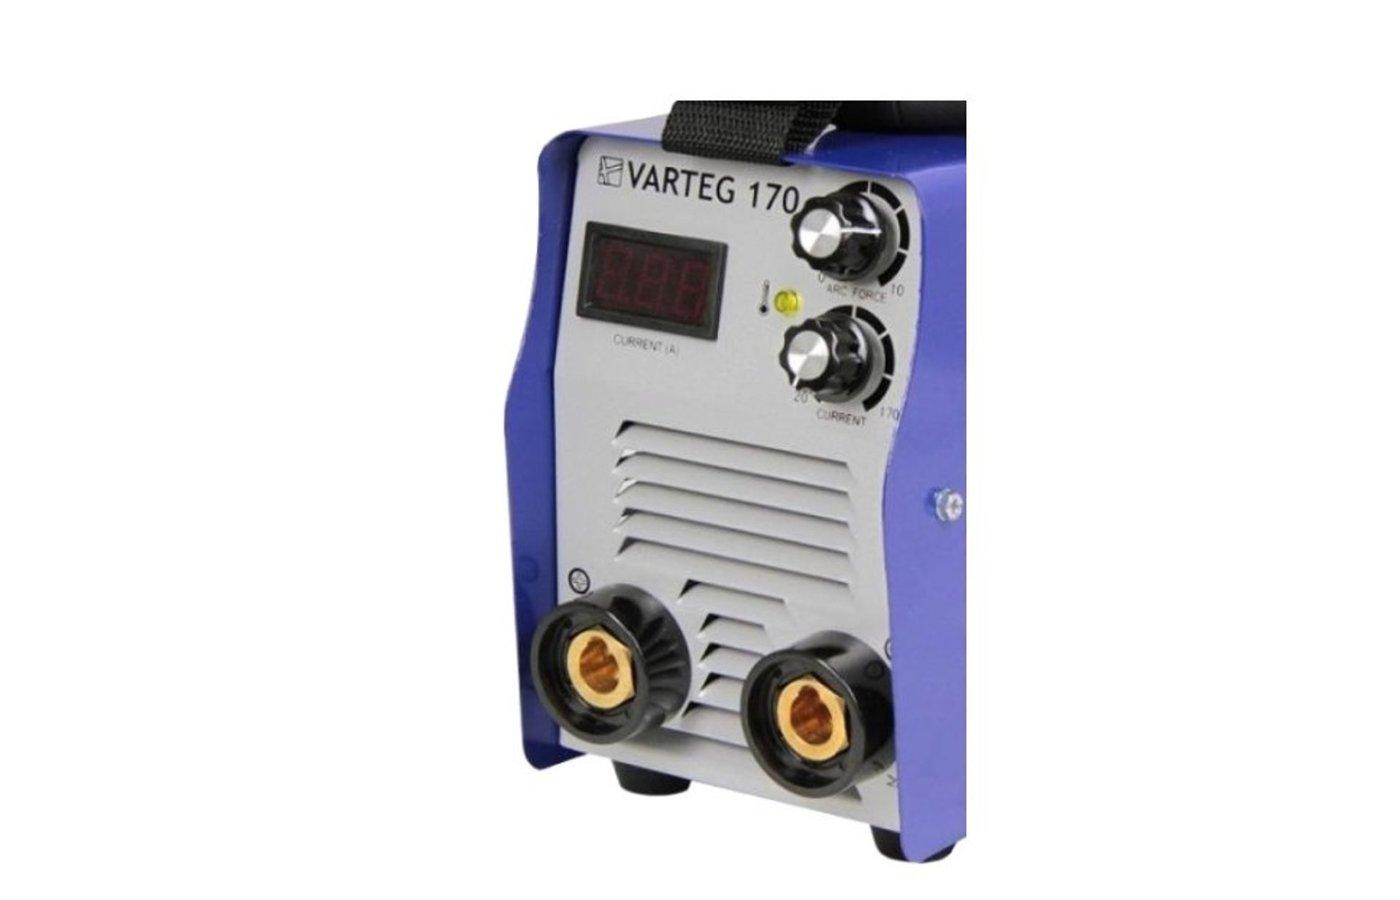 Сварочный аппарат varteg 170 отзывы спутник 200 сварочный аппарат